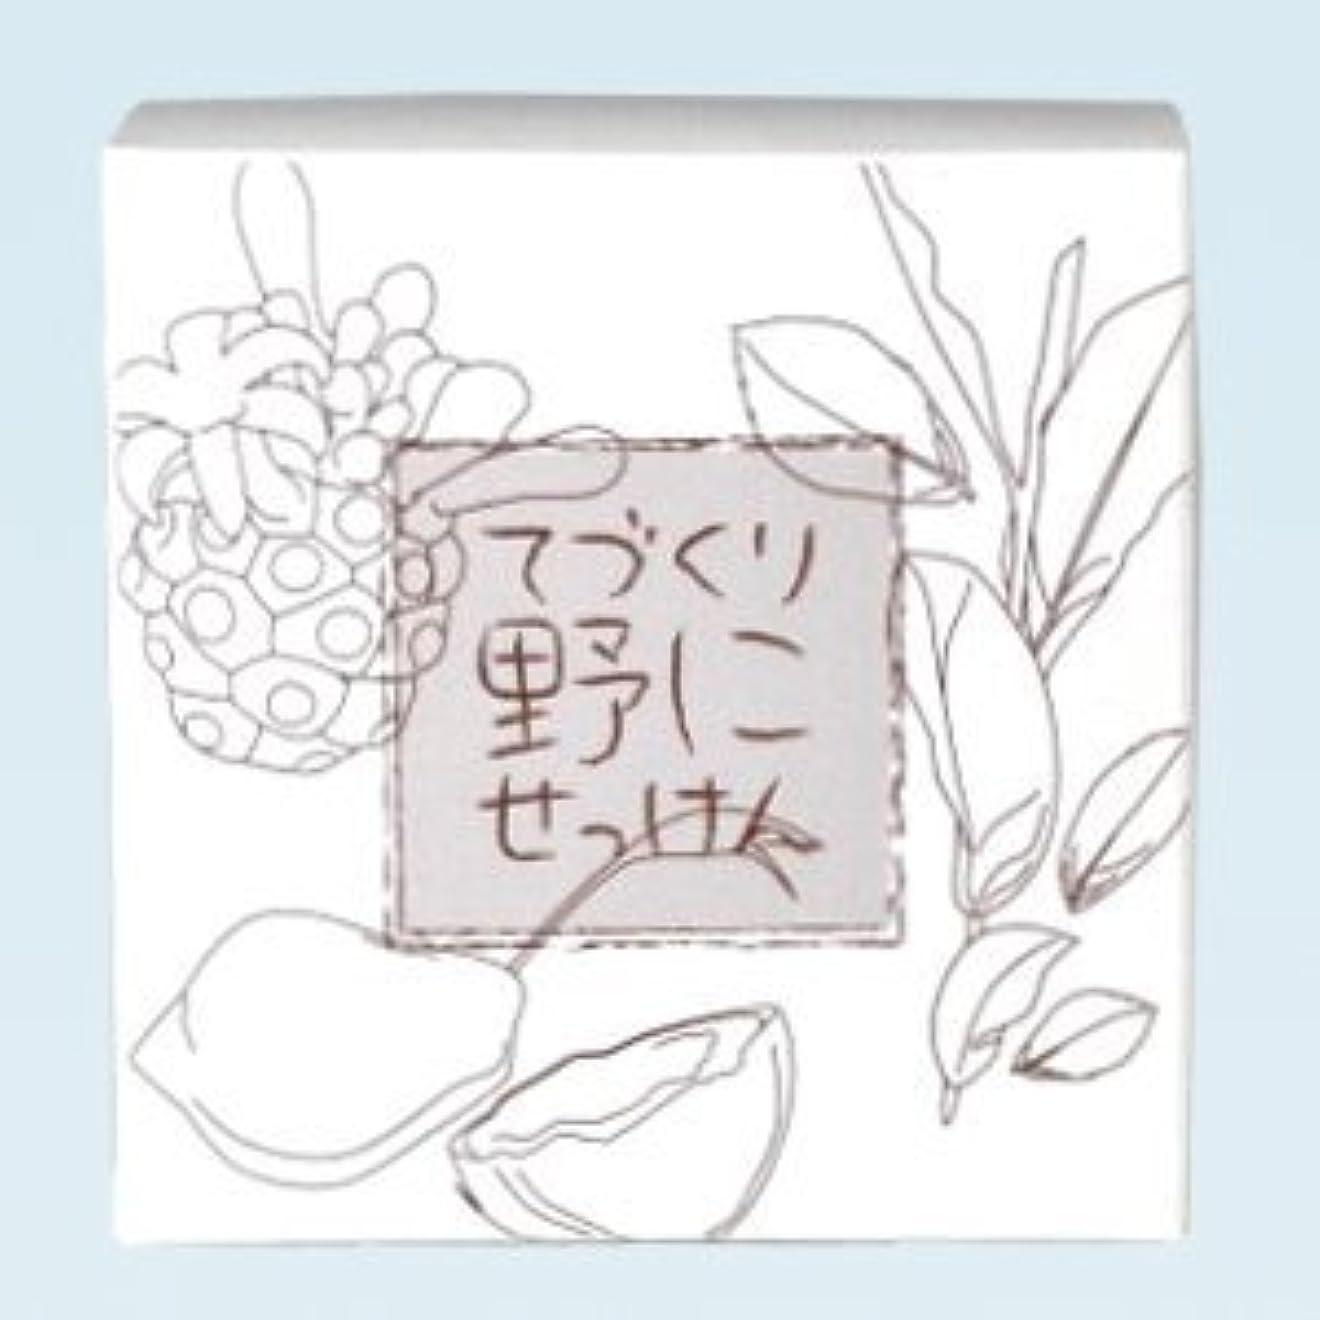 傾向があります選択するあいにく緑茶 ノニ石鹸 てづくり野にせっけん(115g)